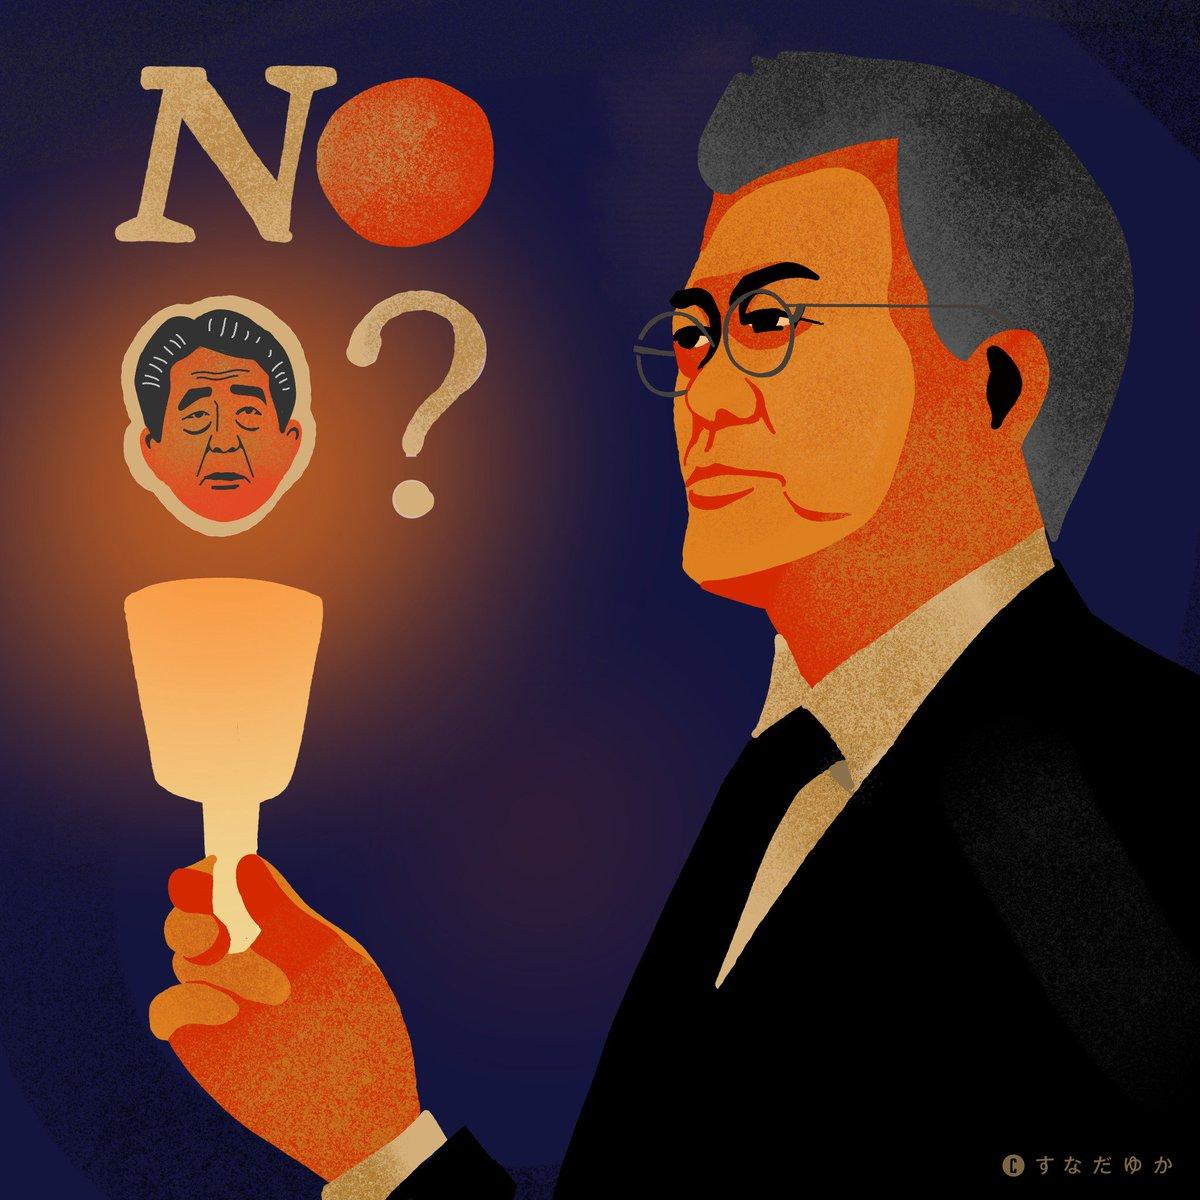 🎨世界の今をスケッチ🎨日本の植民地支配から解放された記念日にあたる8月15日、韓国の文在寅大統領は「輸出管理」を強化した日本政府を批判。一方で、対話と協力を呼びかける発言もみられました。日本と韓国の間で巻き起こっている「輸出」を巡る対立を3分でおさらい👇